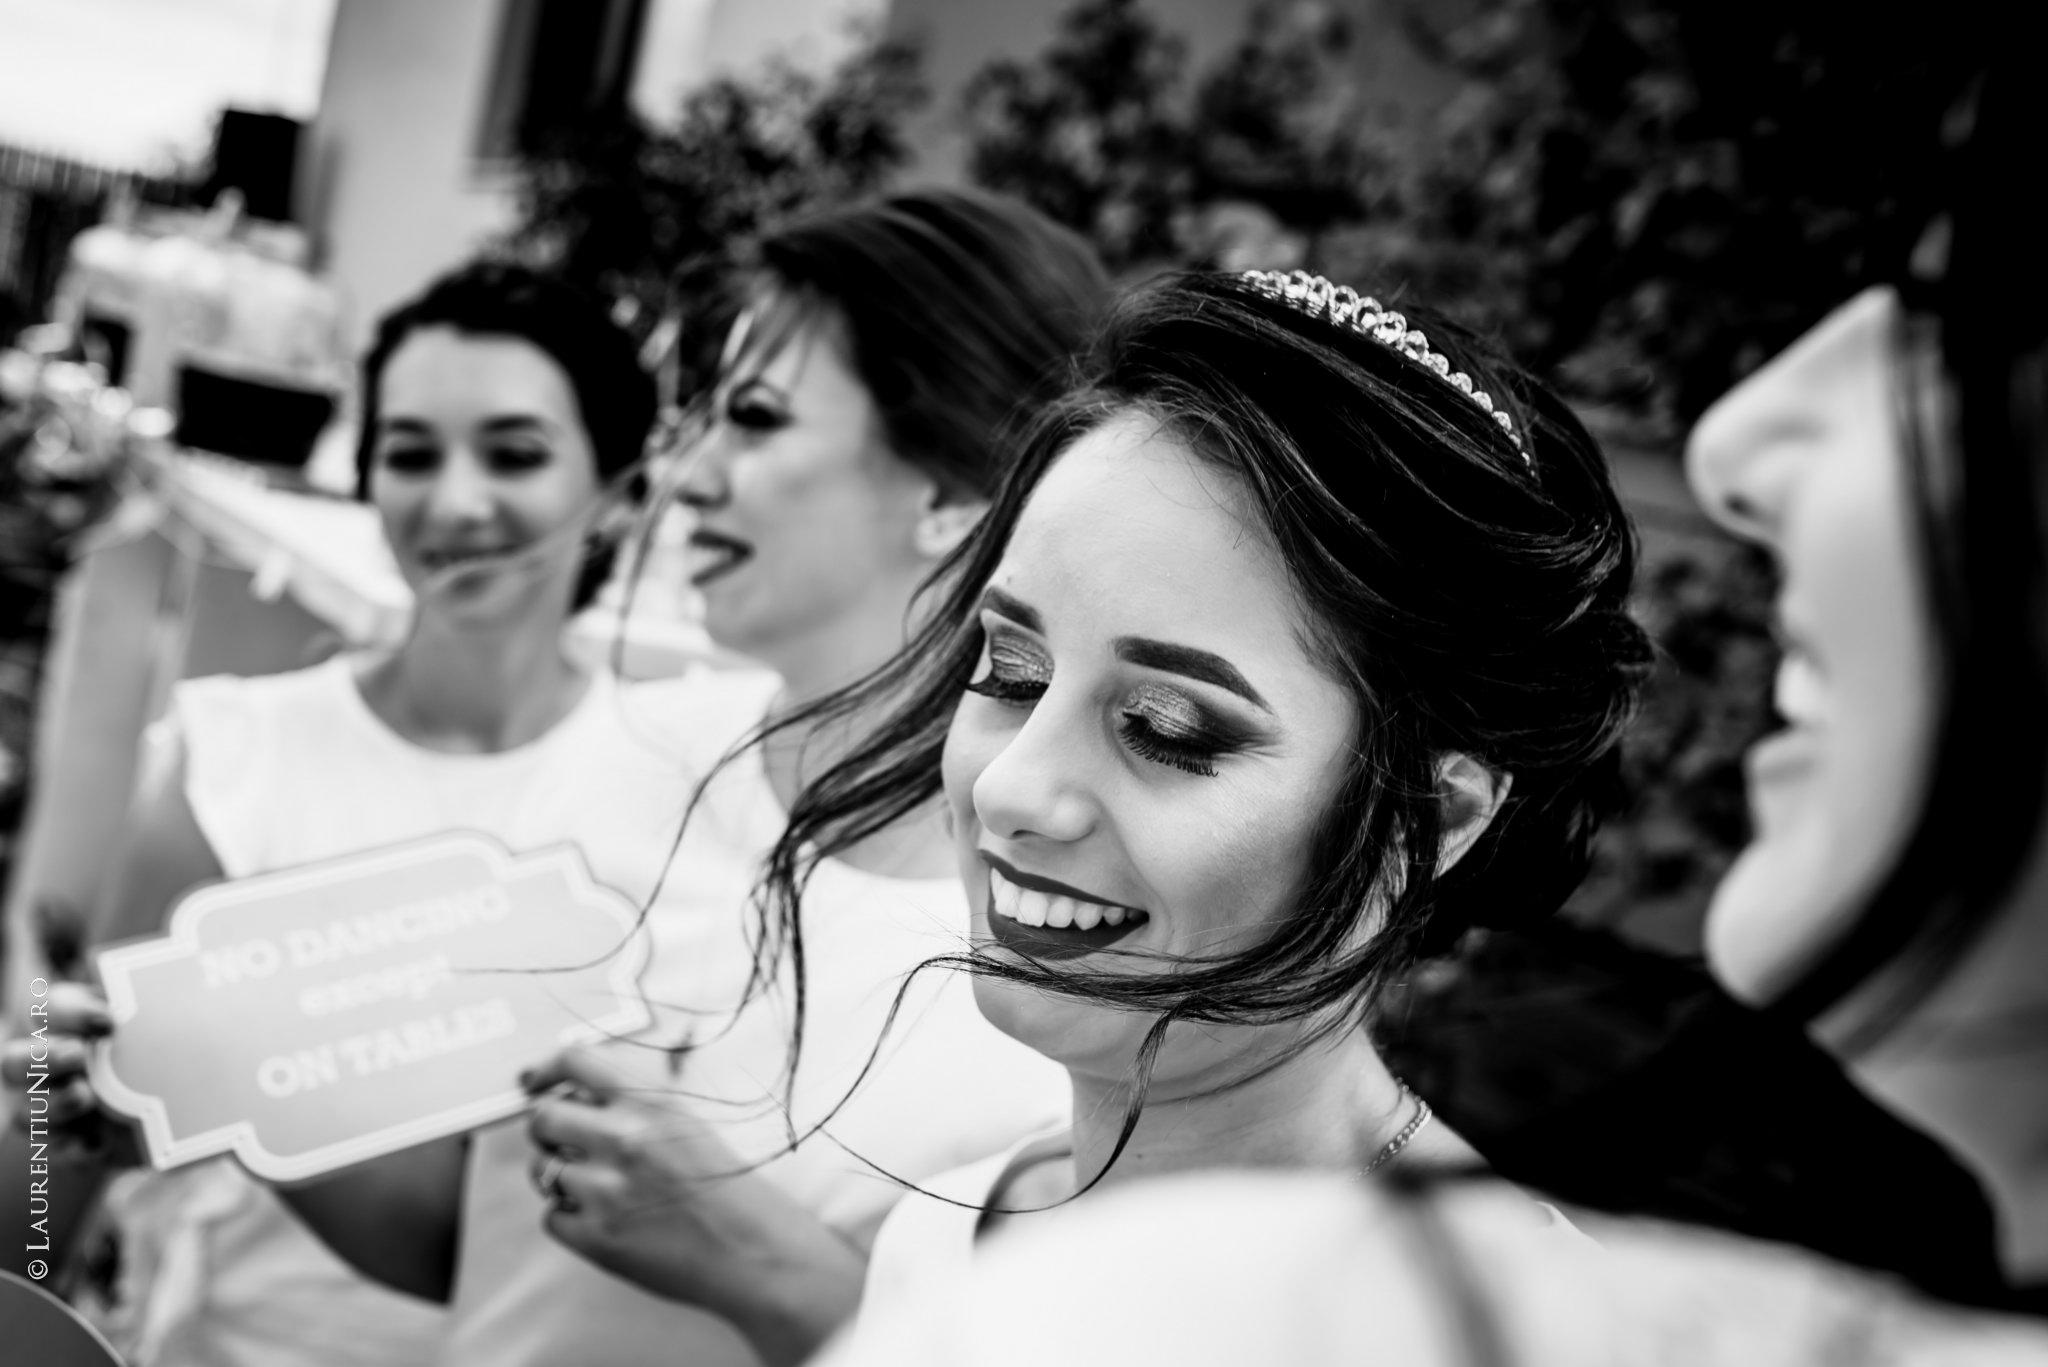 fotografii nunta denisa si florin craiova 05 - Denisa & Florin | Fotografii nunta | Craiova